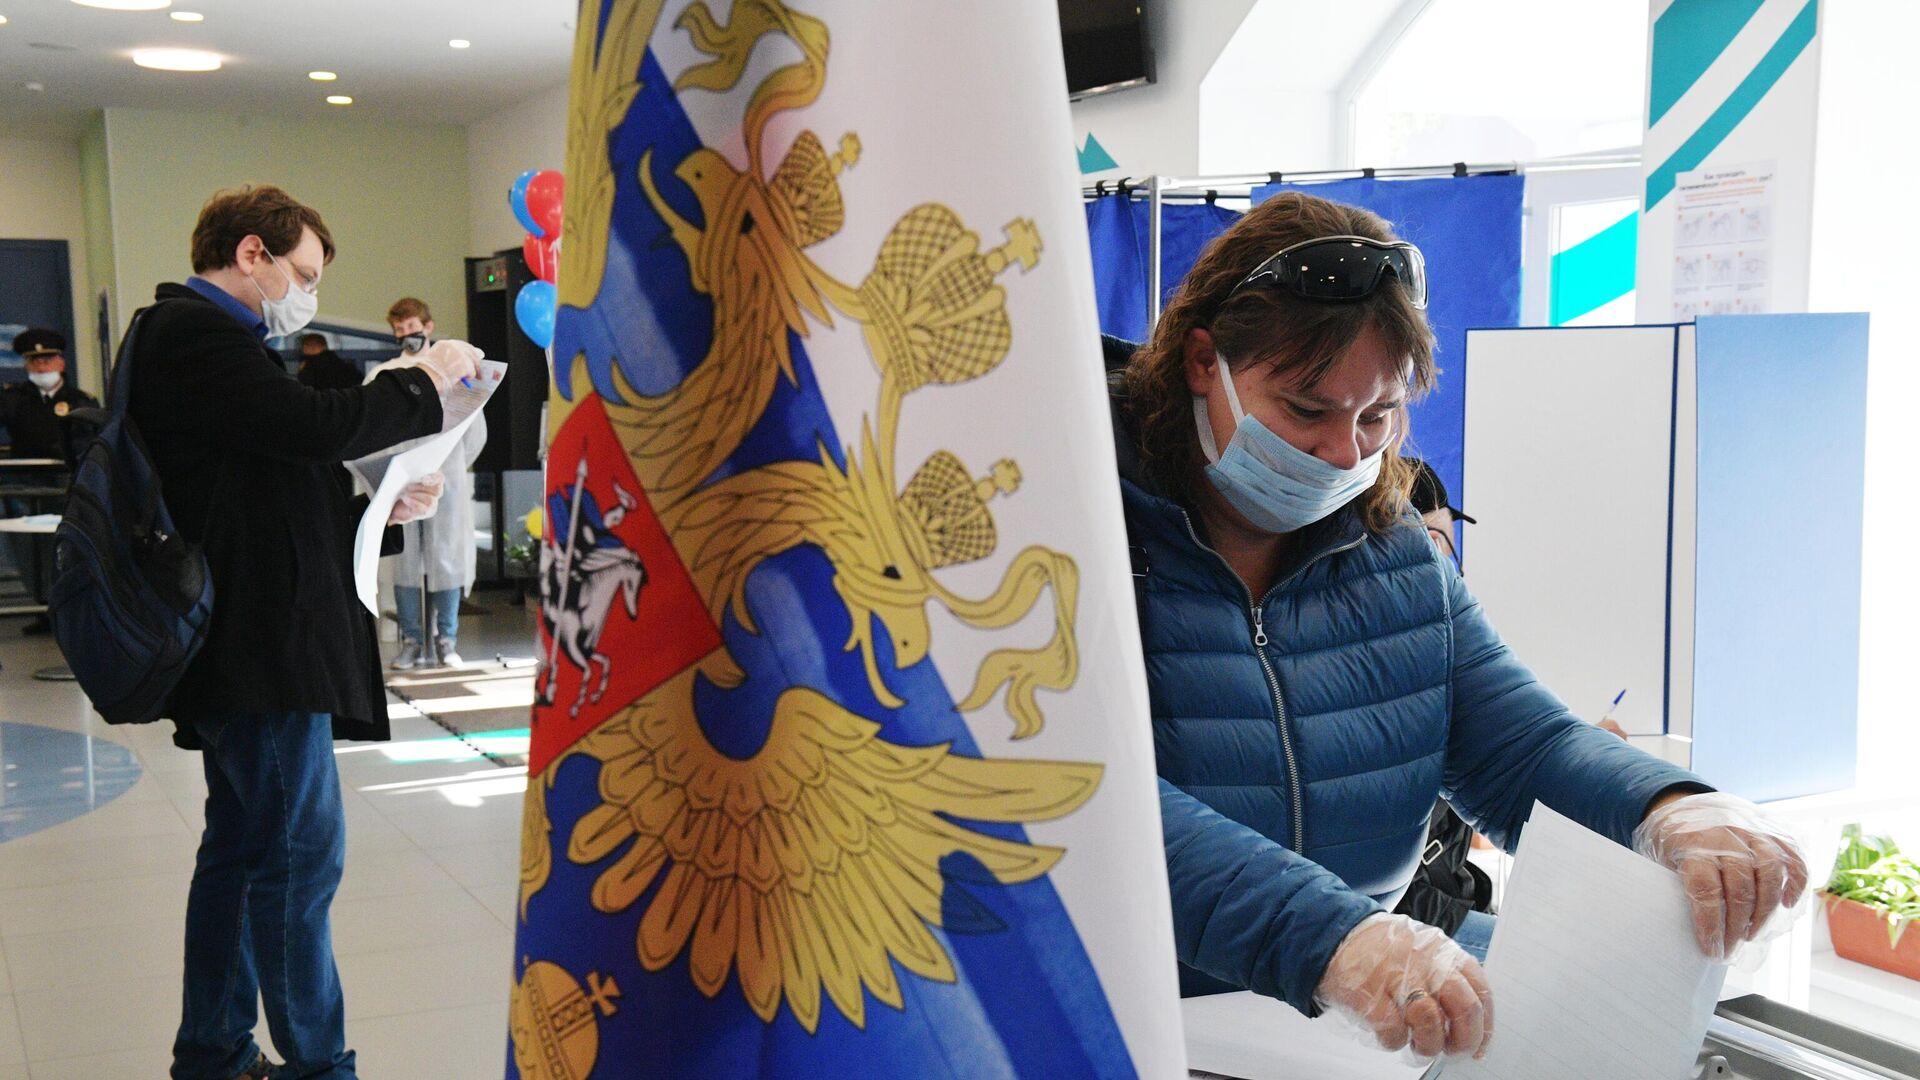 Избиратели голосуют на выборах депутатов Государственной Думы РФ на участке в Санкт-Петербурге - РИА Новости, 1920, 22.09.2021